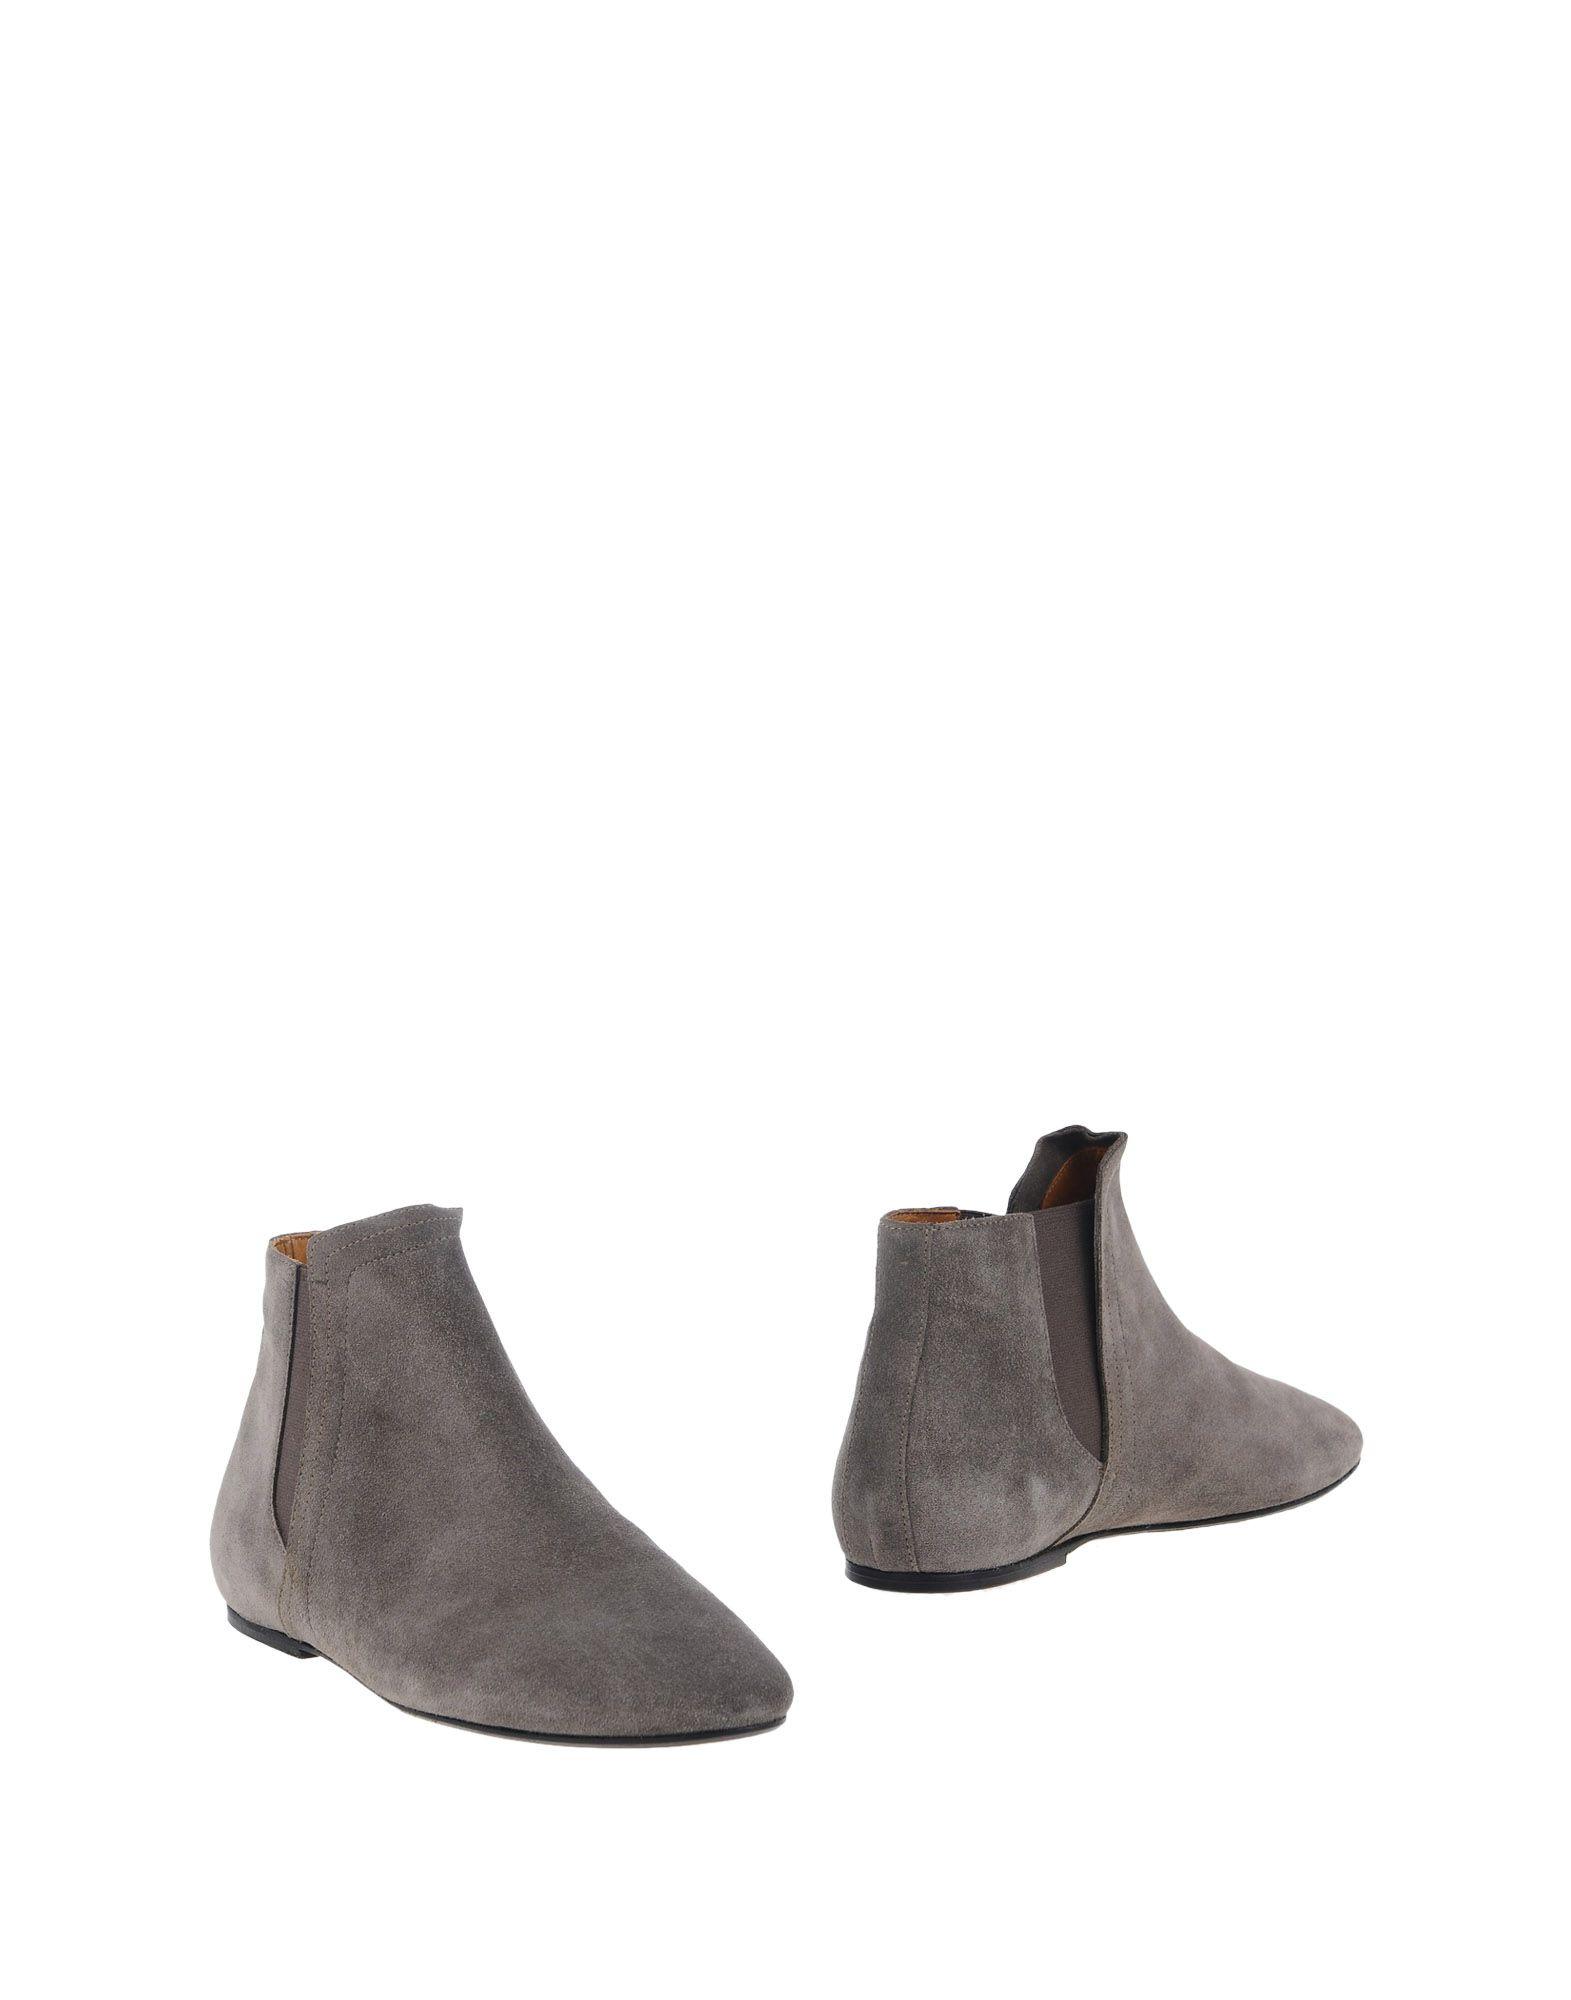 IRO Полусапоги и высокие ботинки ботинки swims ботинки без каблука